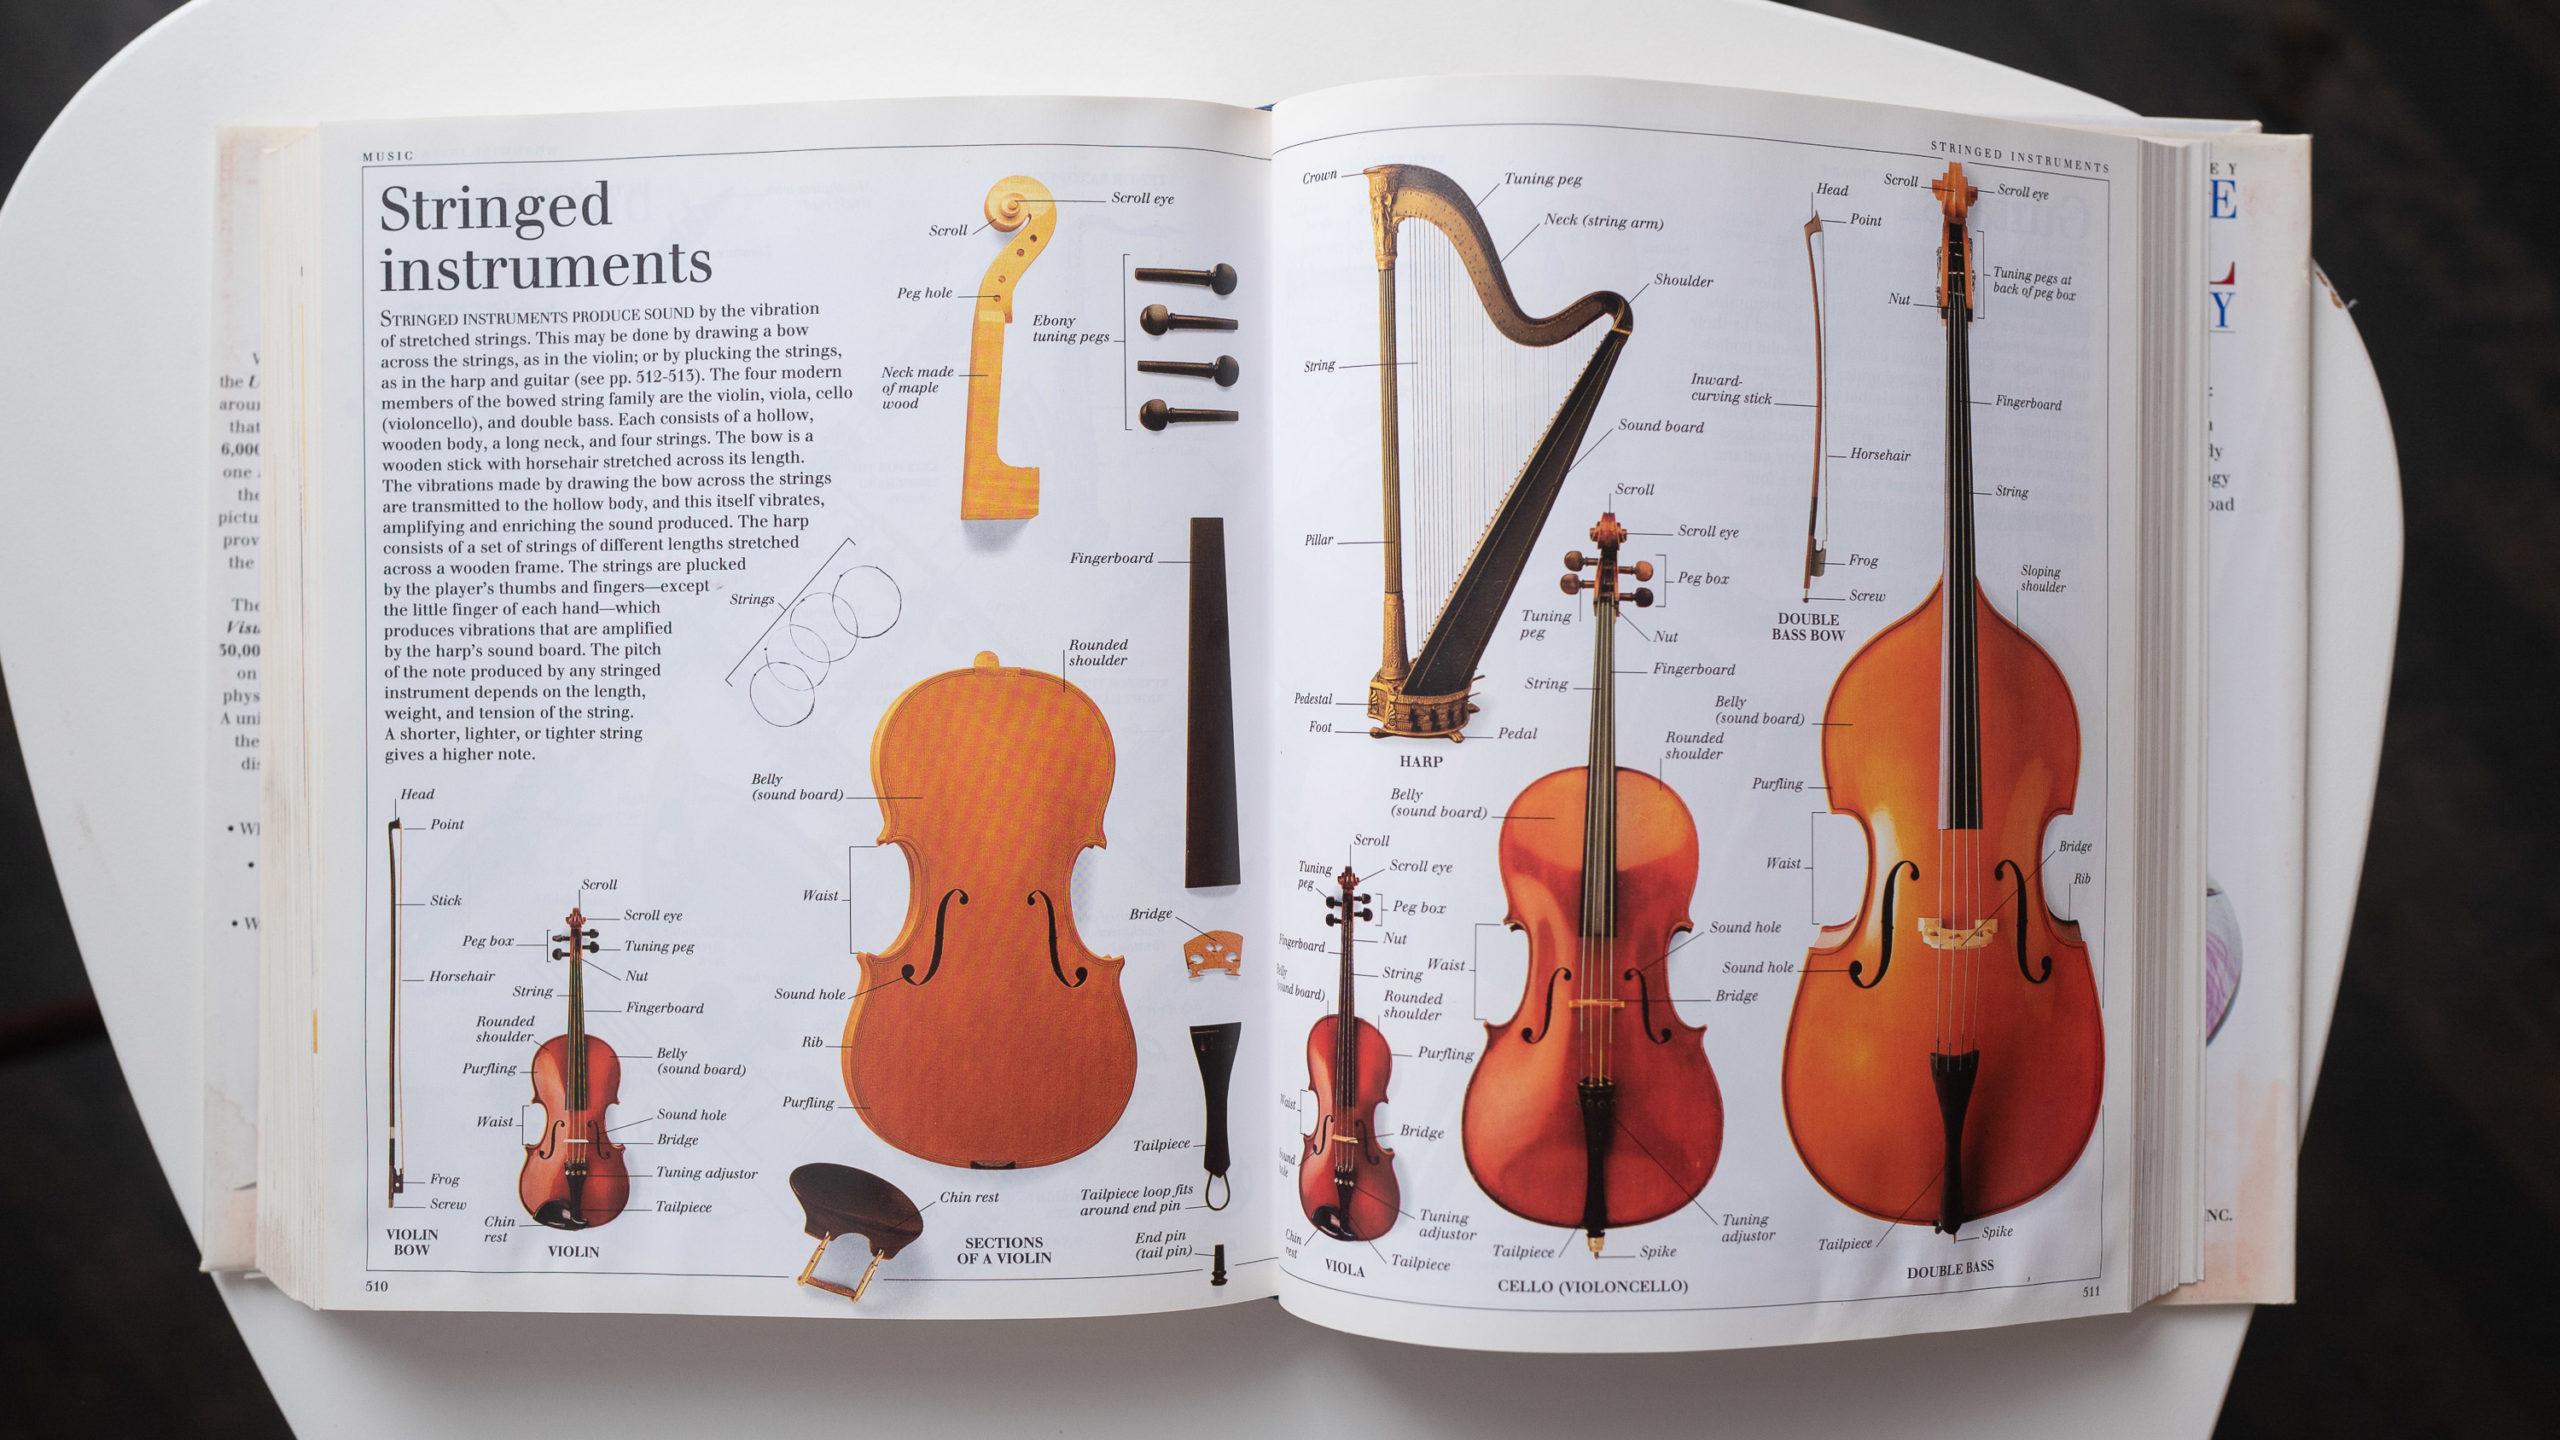 Instruments described in a book